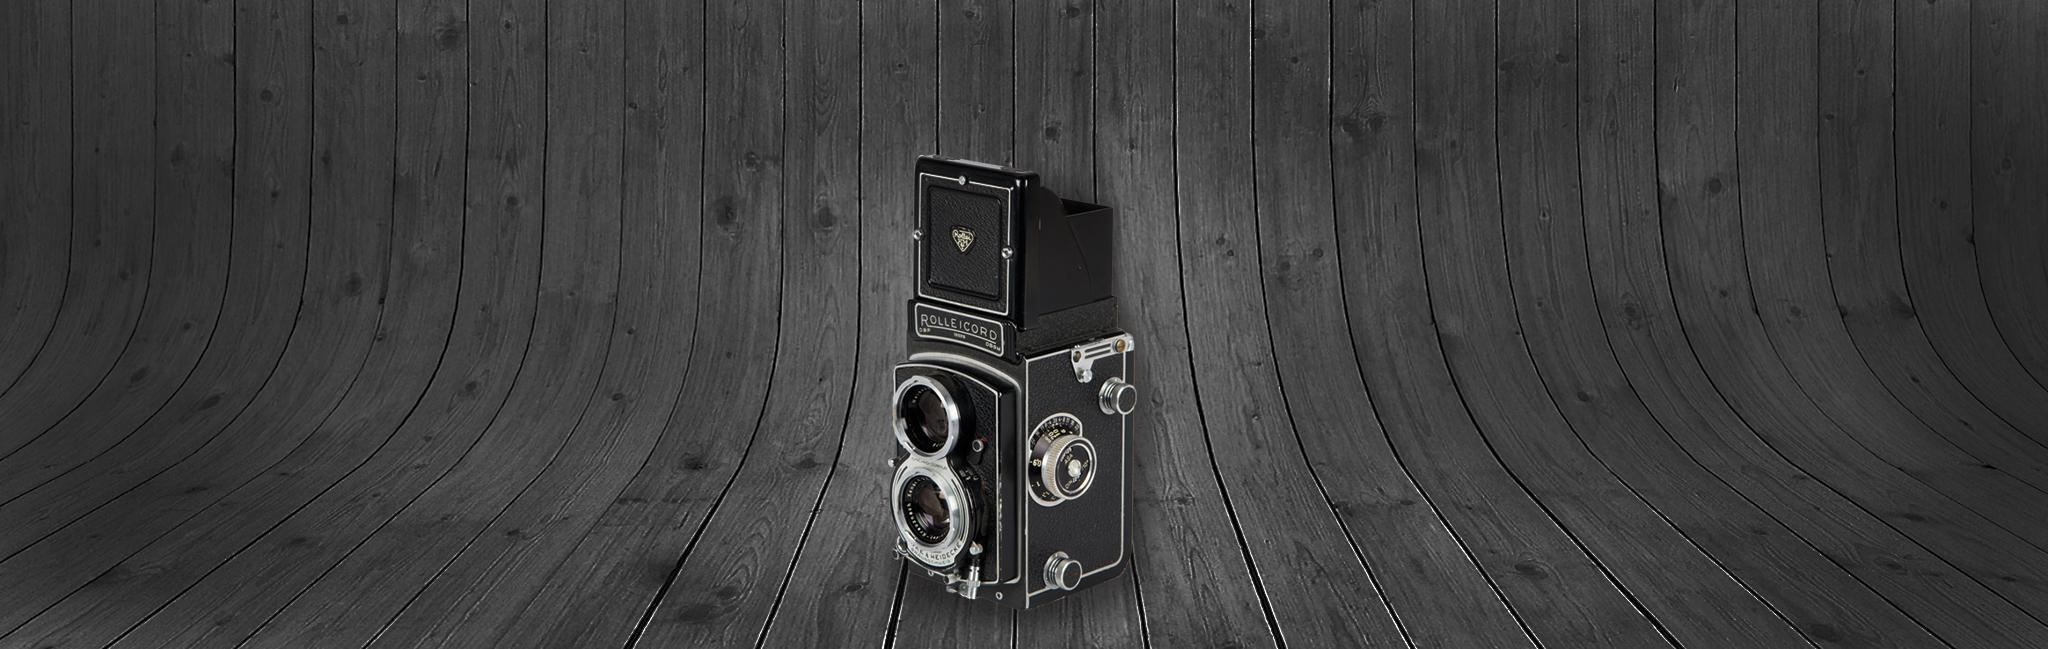 Fred de Krom Fotografie en Beeldbewerking_Eindhoven_Valkenswaard_Veldhoven_Geldrop_Waalre